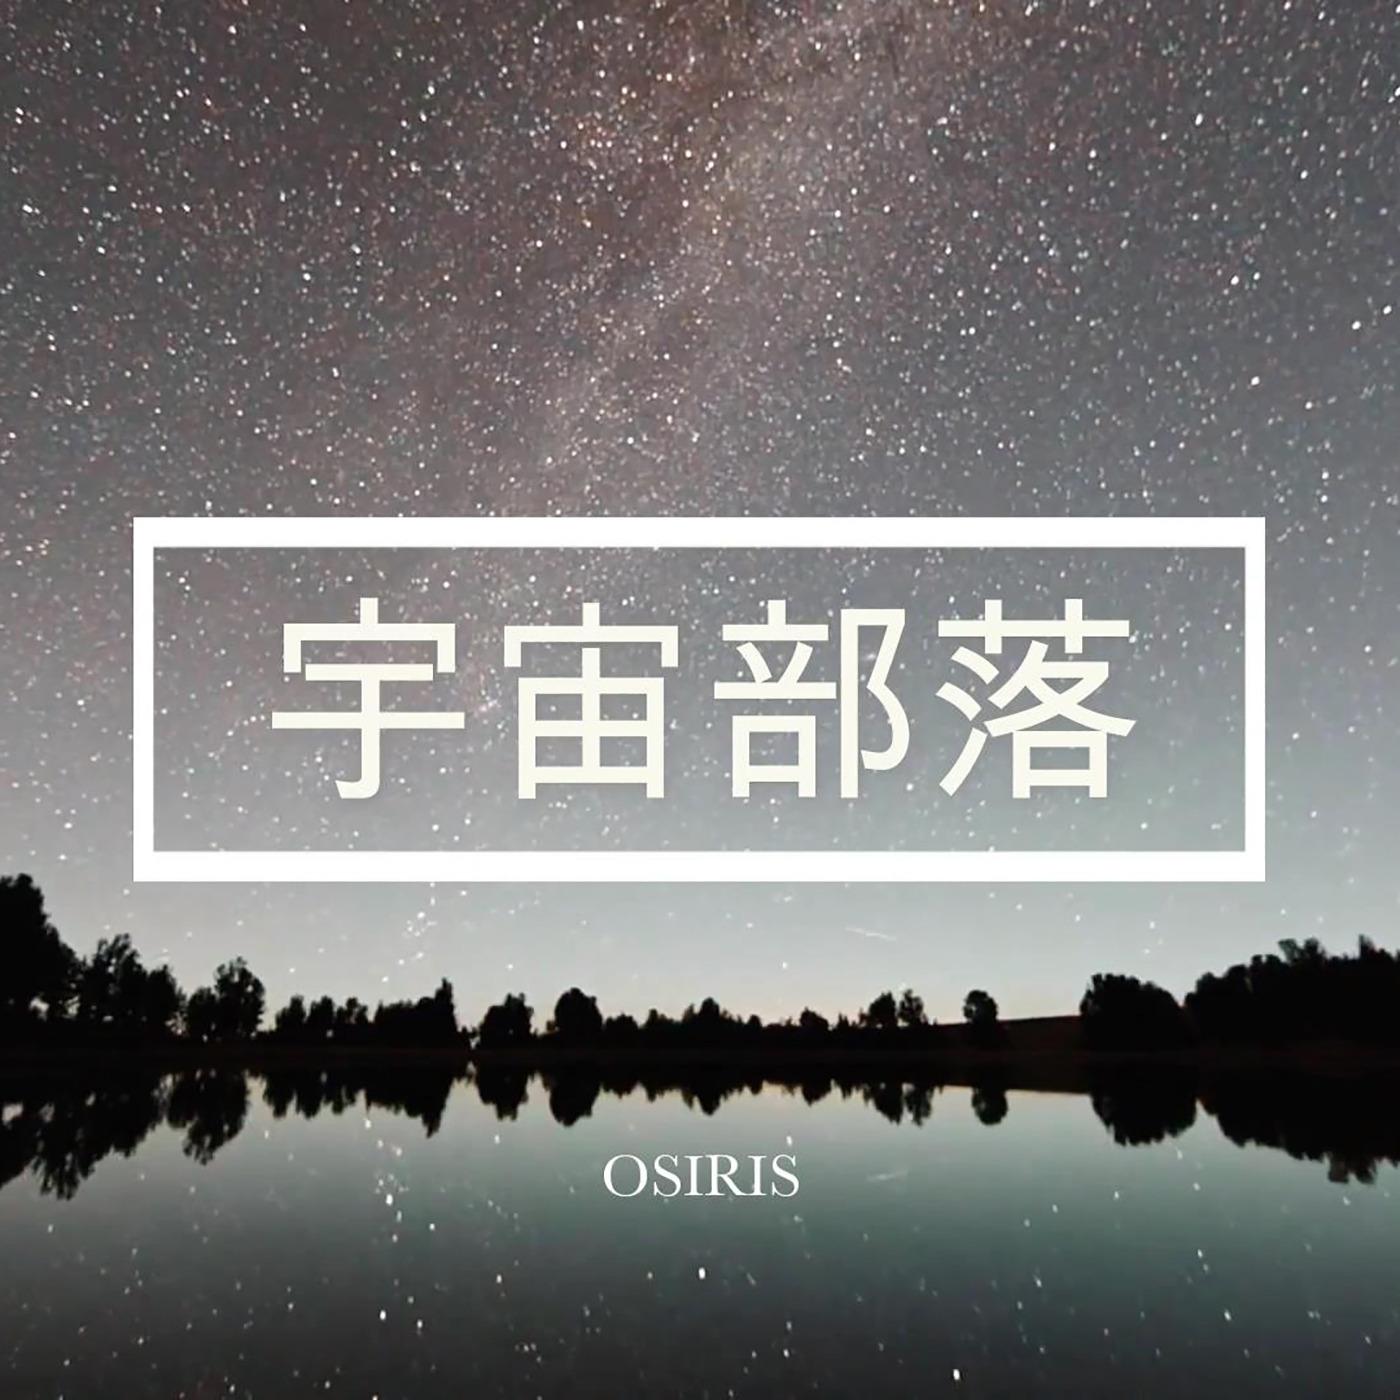 宇宙部落 EP10 - 薩滿的復興